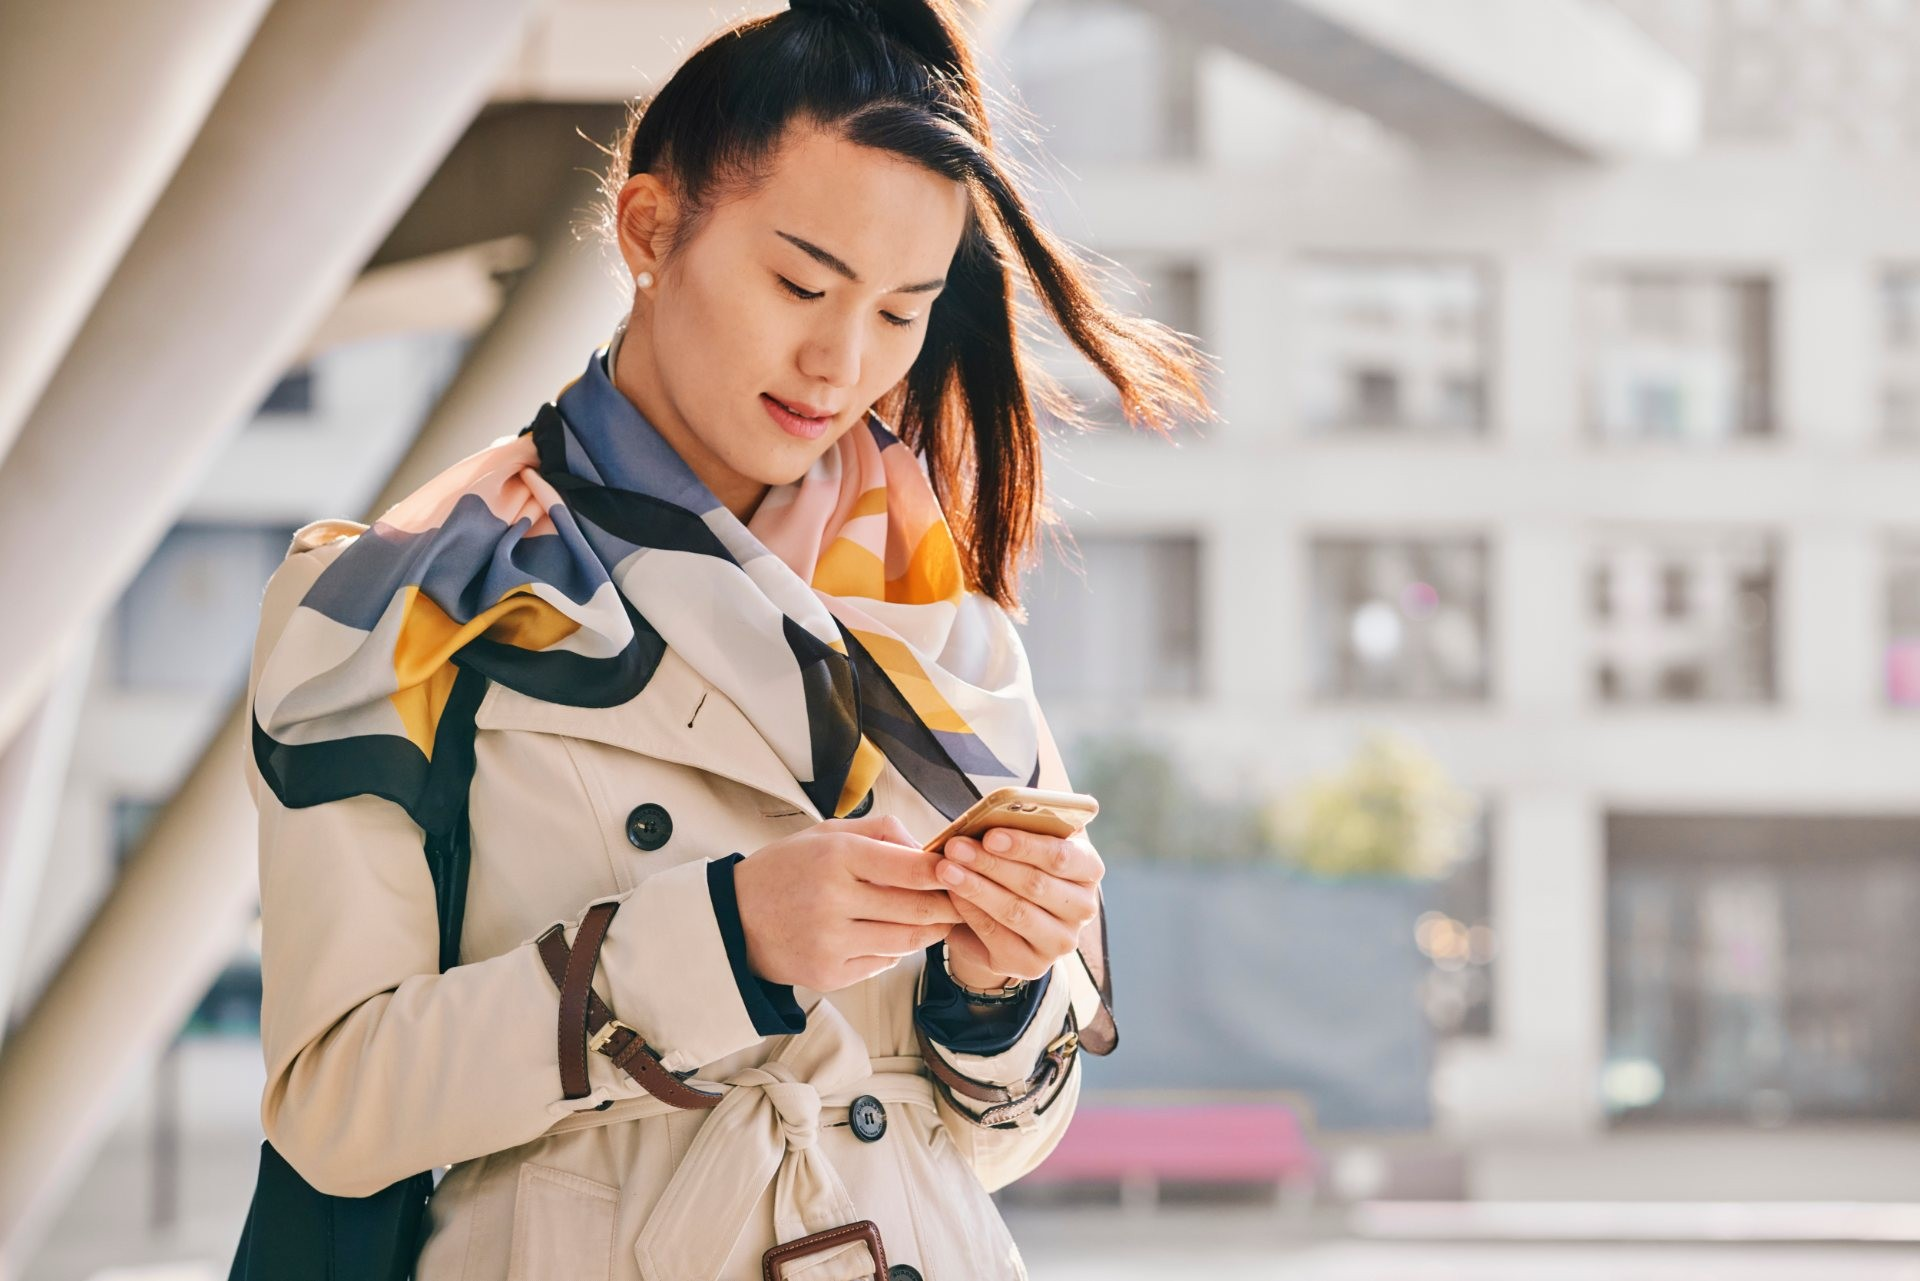 woman walking looking at phone